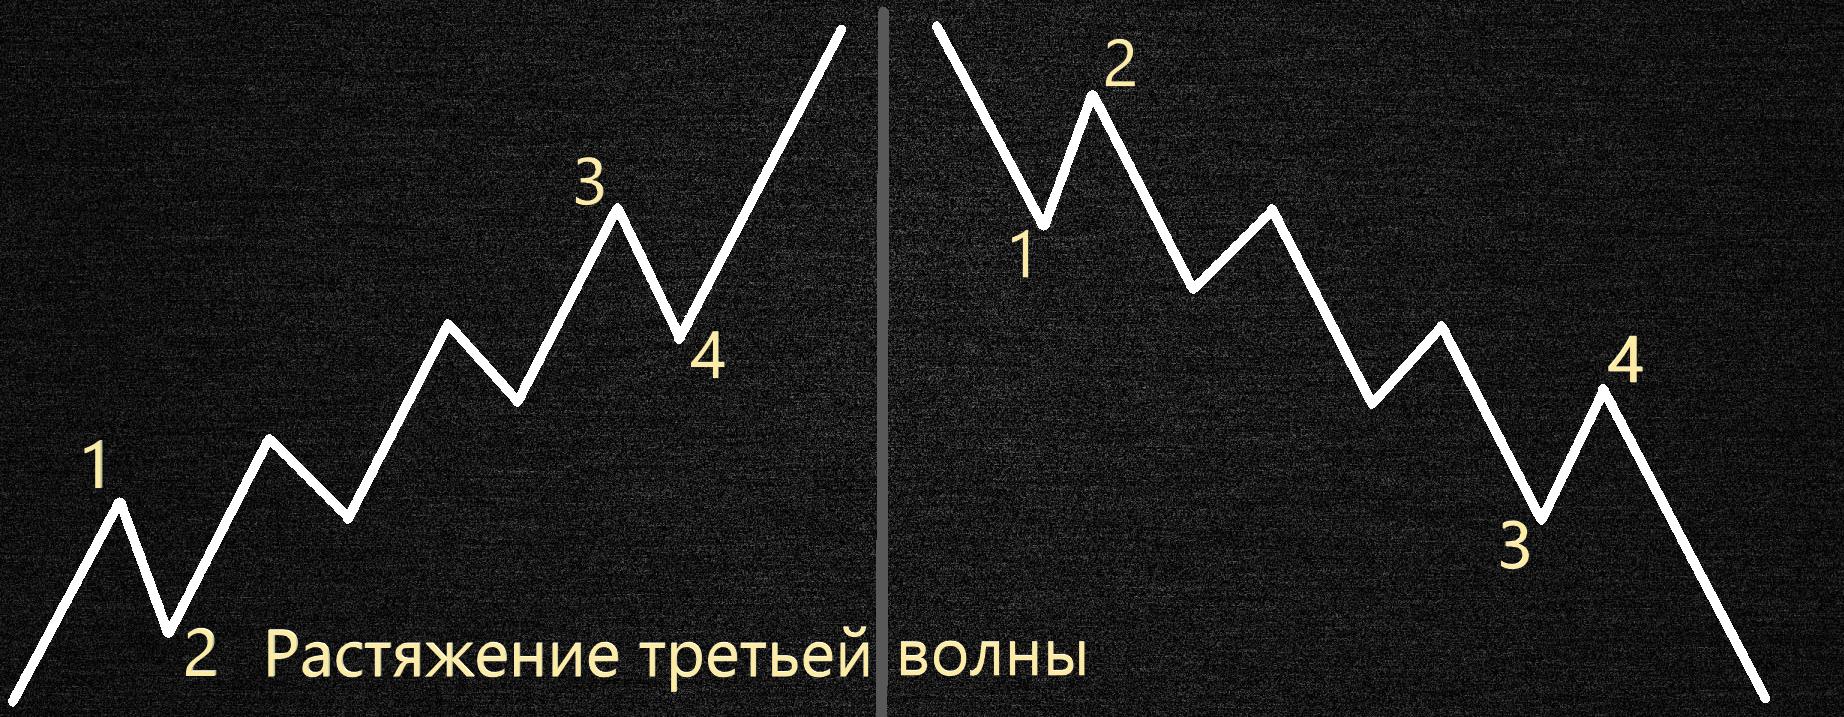 Как растягивается третья волна волновой теории Элиота